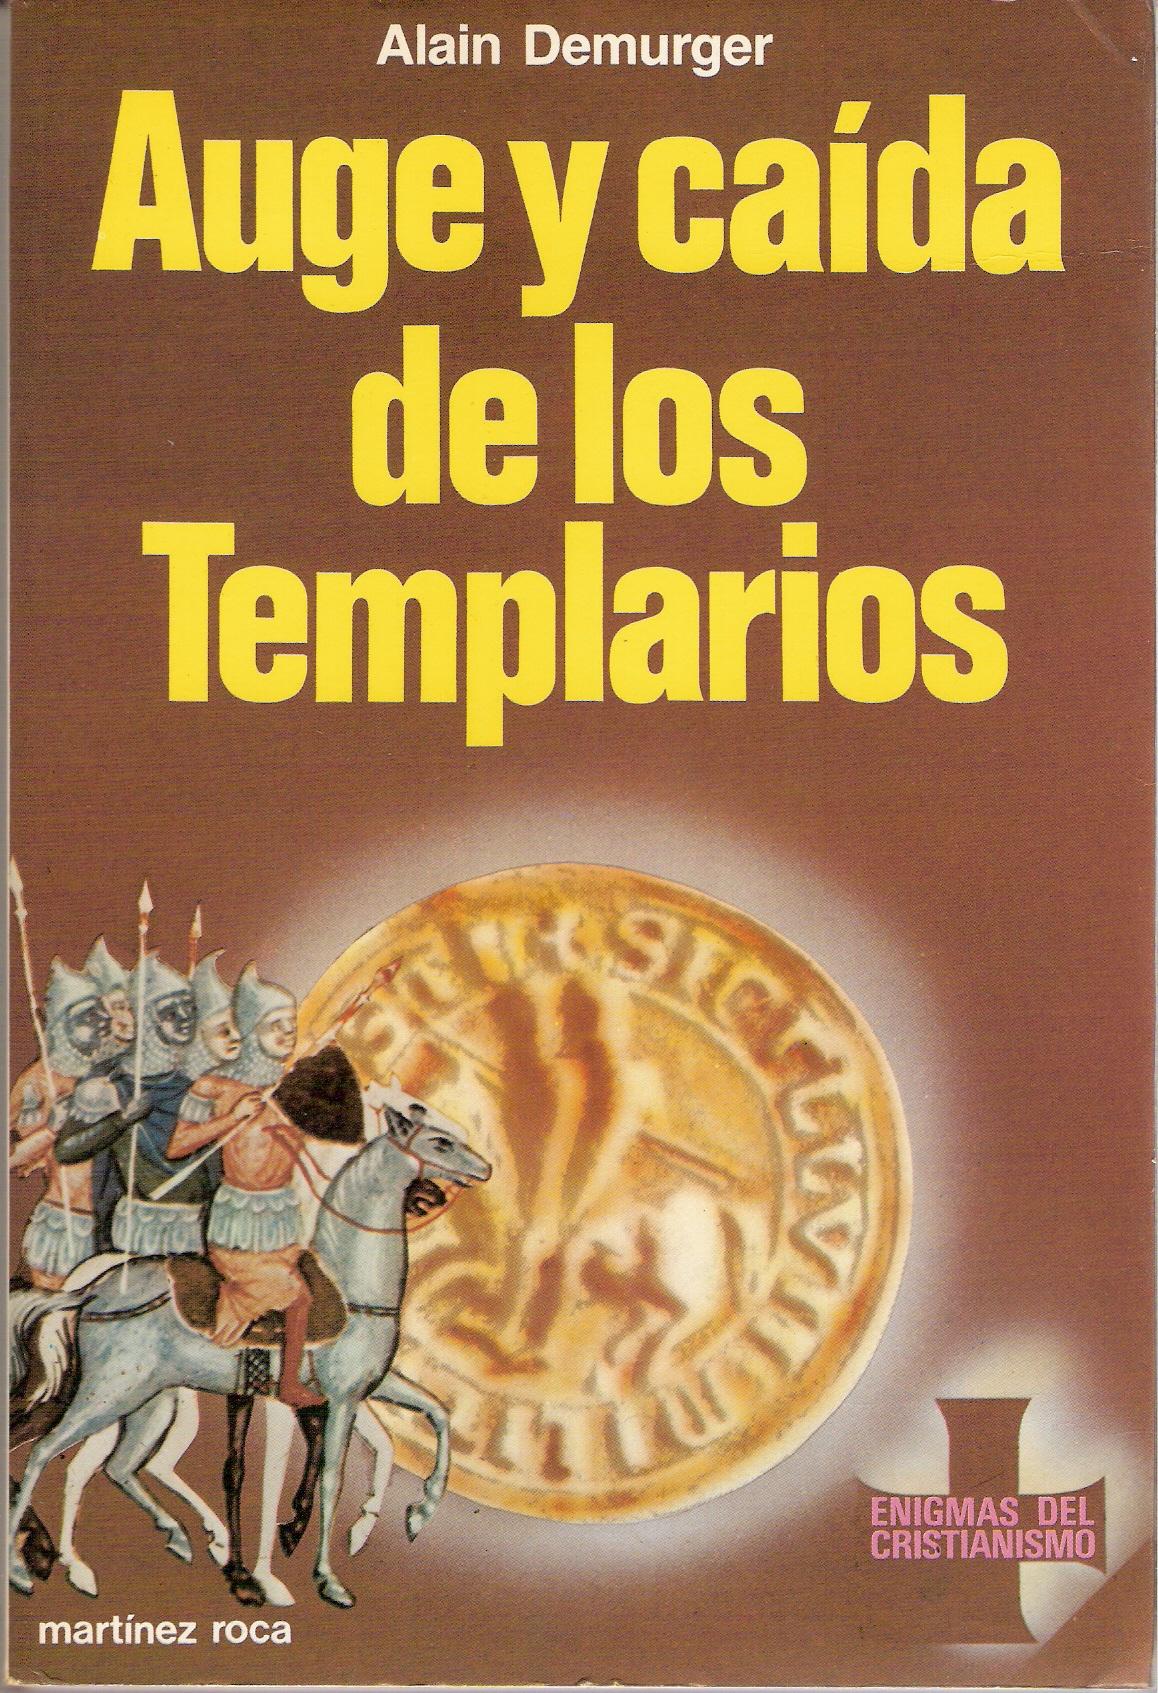 Auge y caída de los templarios